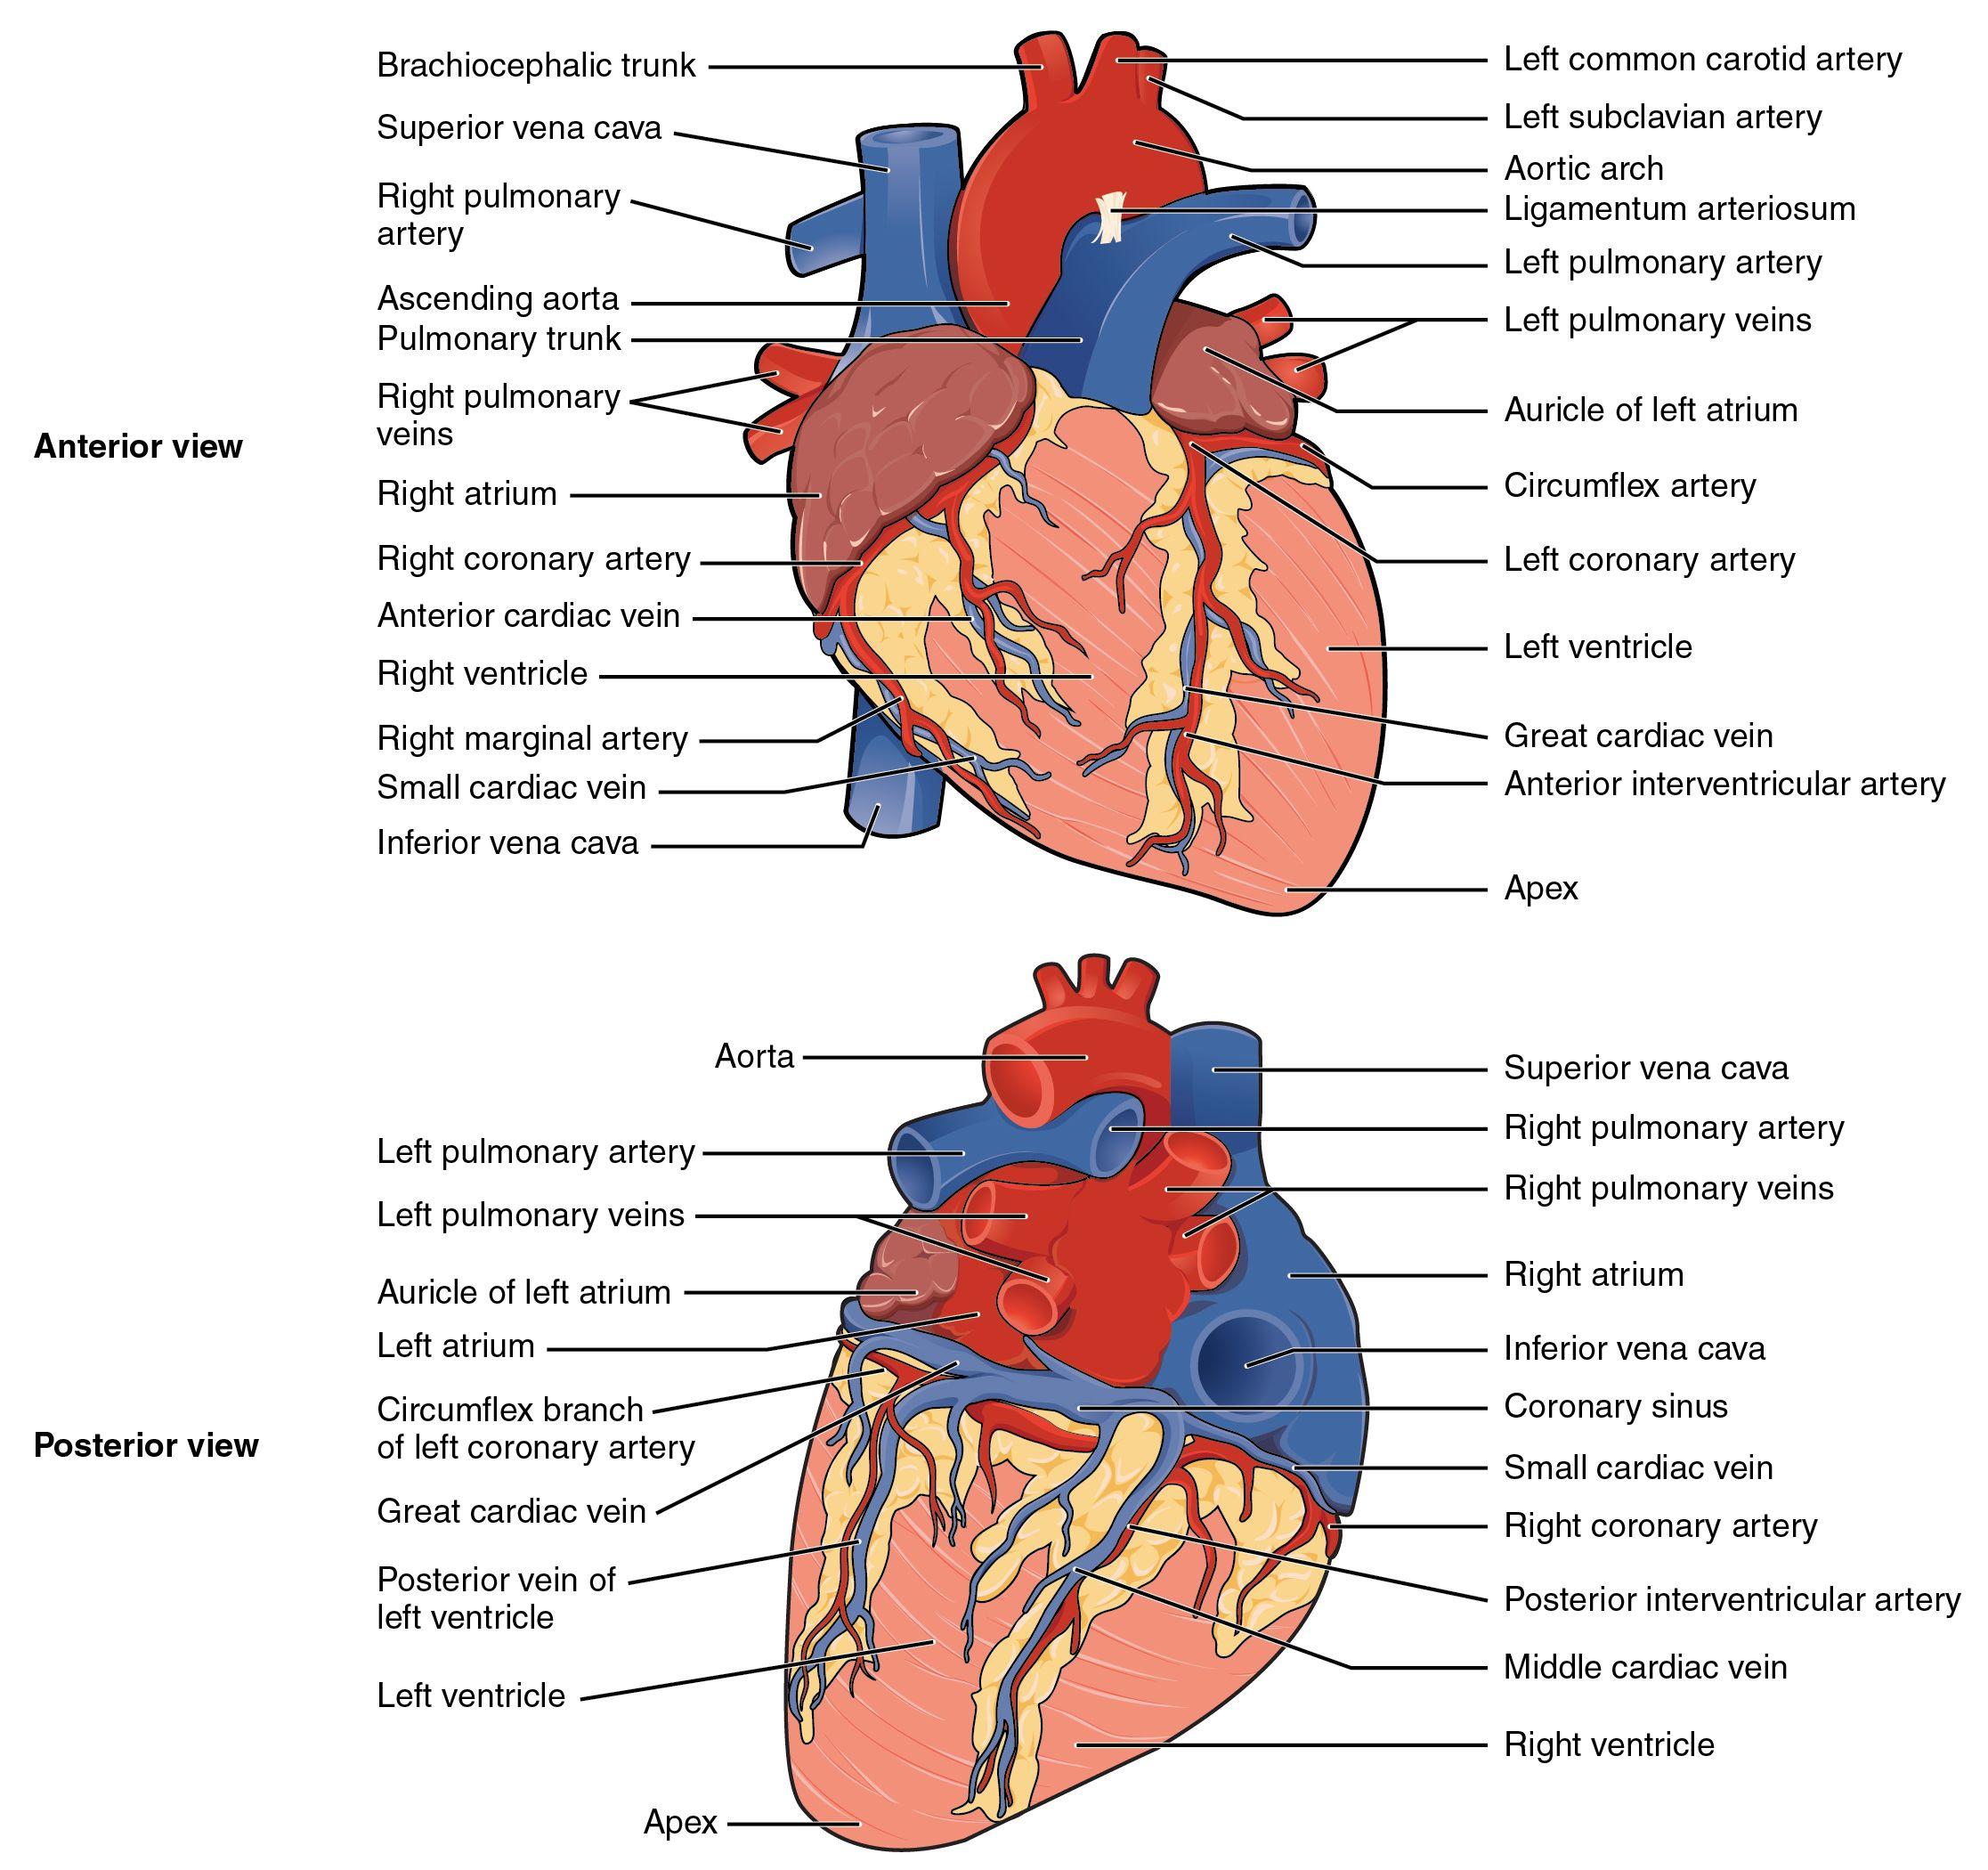 heart diagram nodes power window wiring diagrams posterior interventricular artery